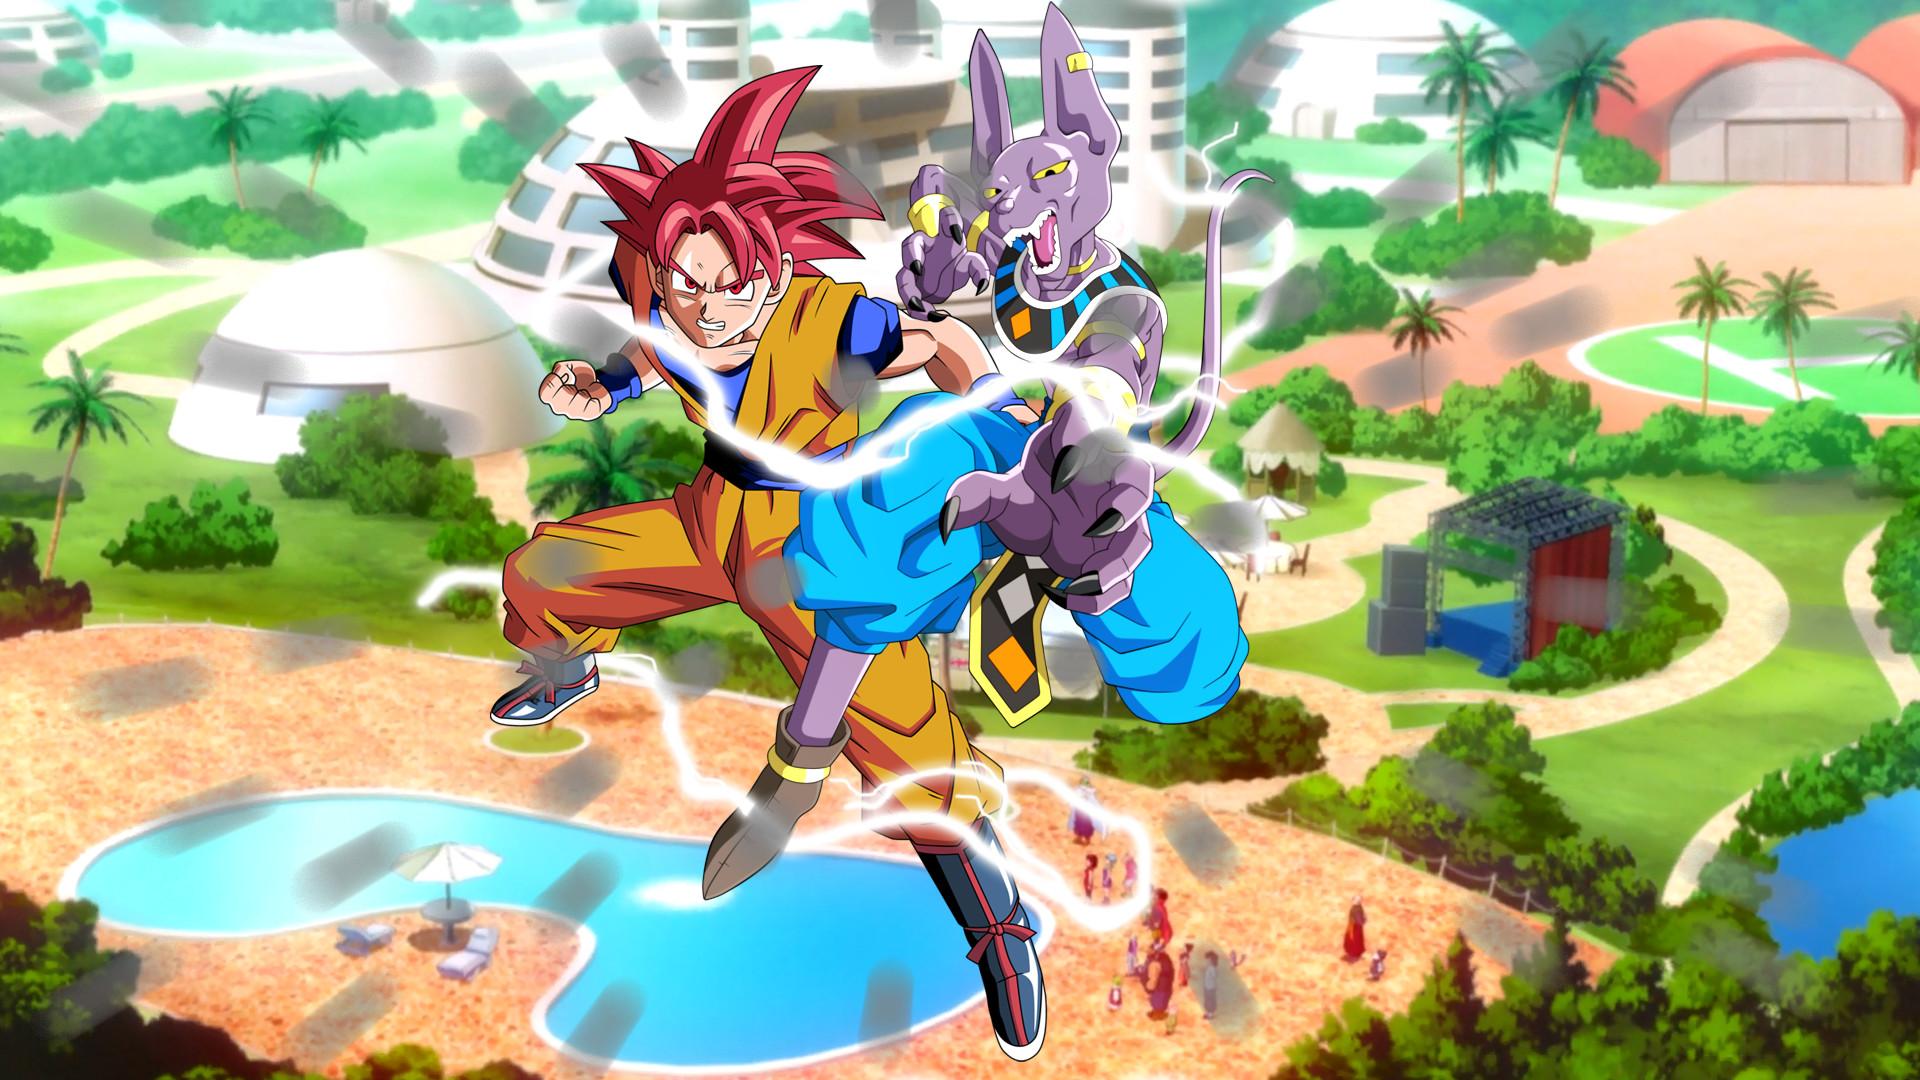 … Dragon Ball Z Battle of the Gods 1080p by Boeingfreak